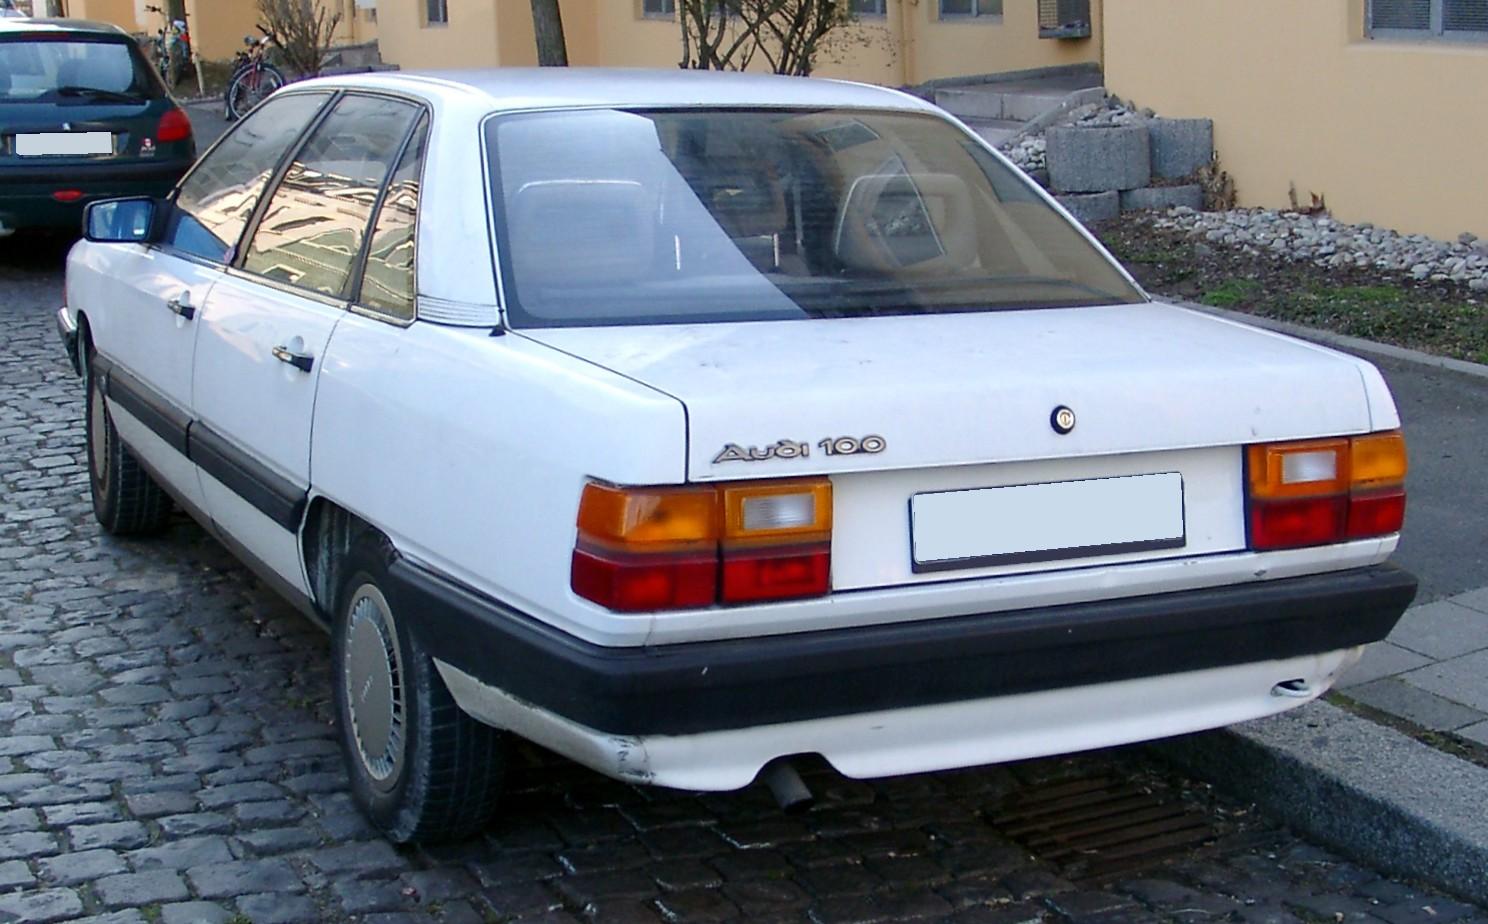 Audi-100-C3-1